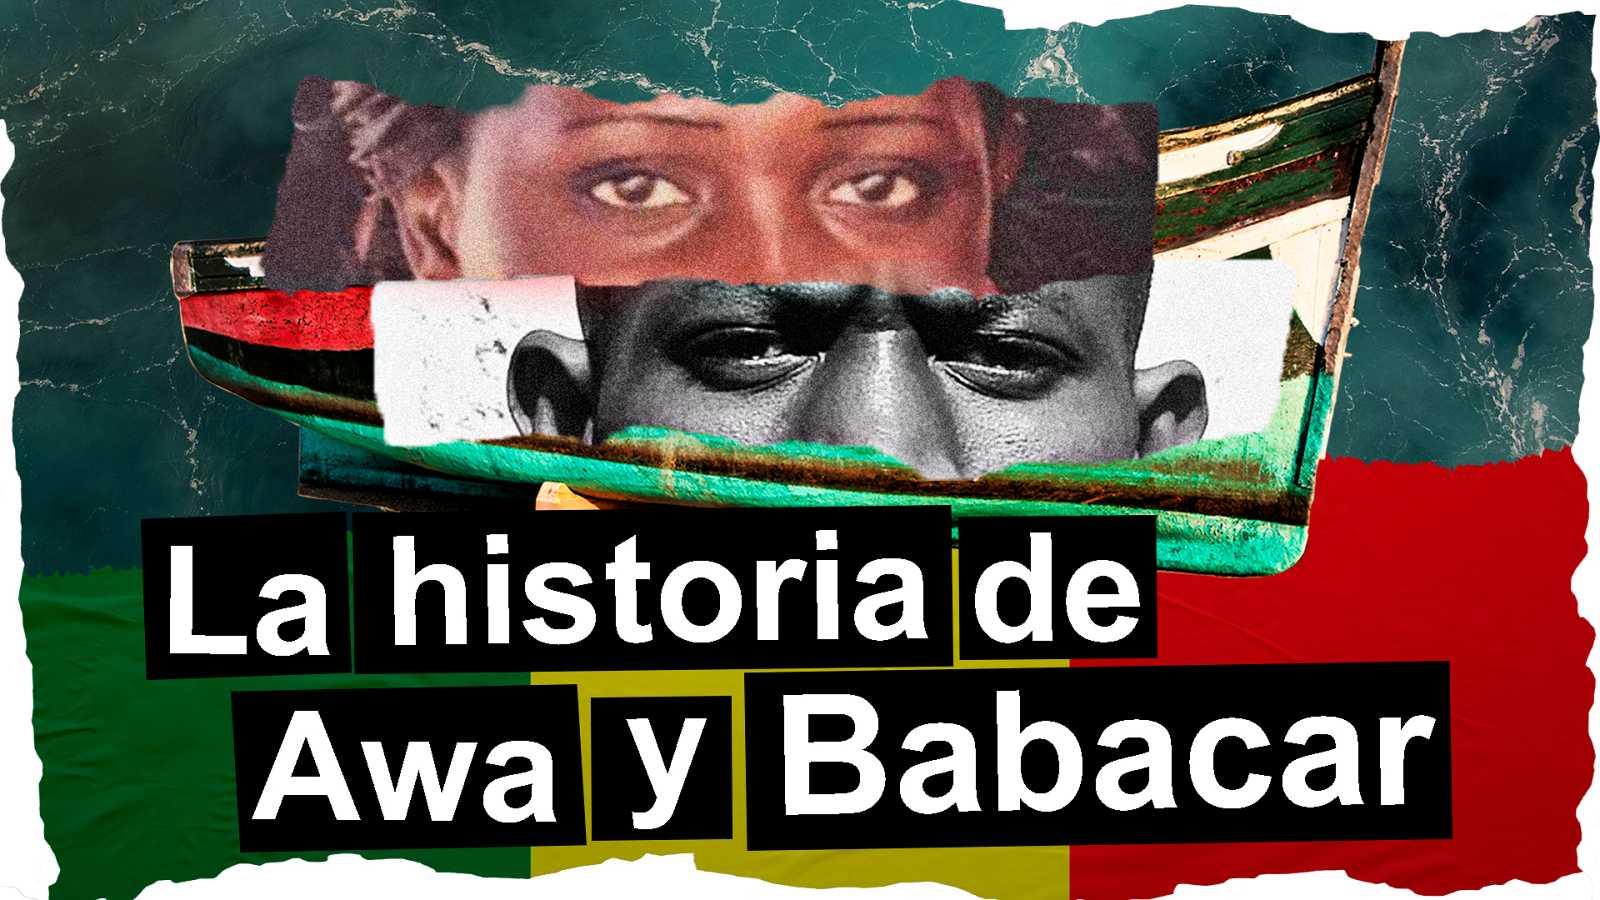 La historia de Awa y Babacar